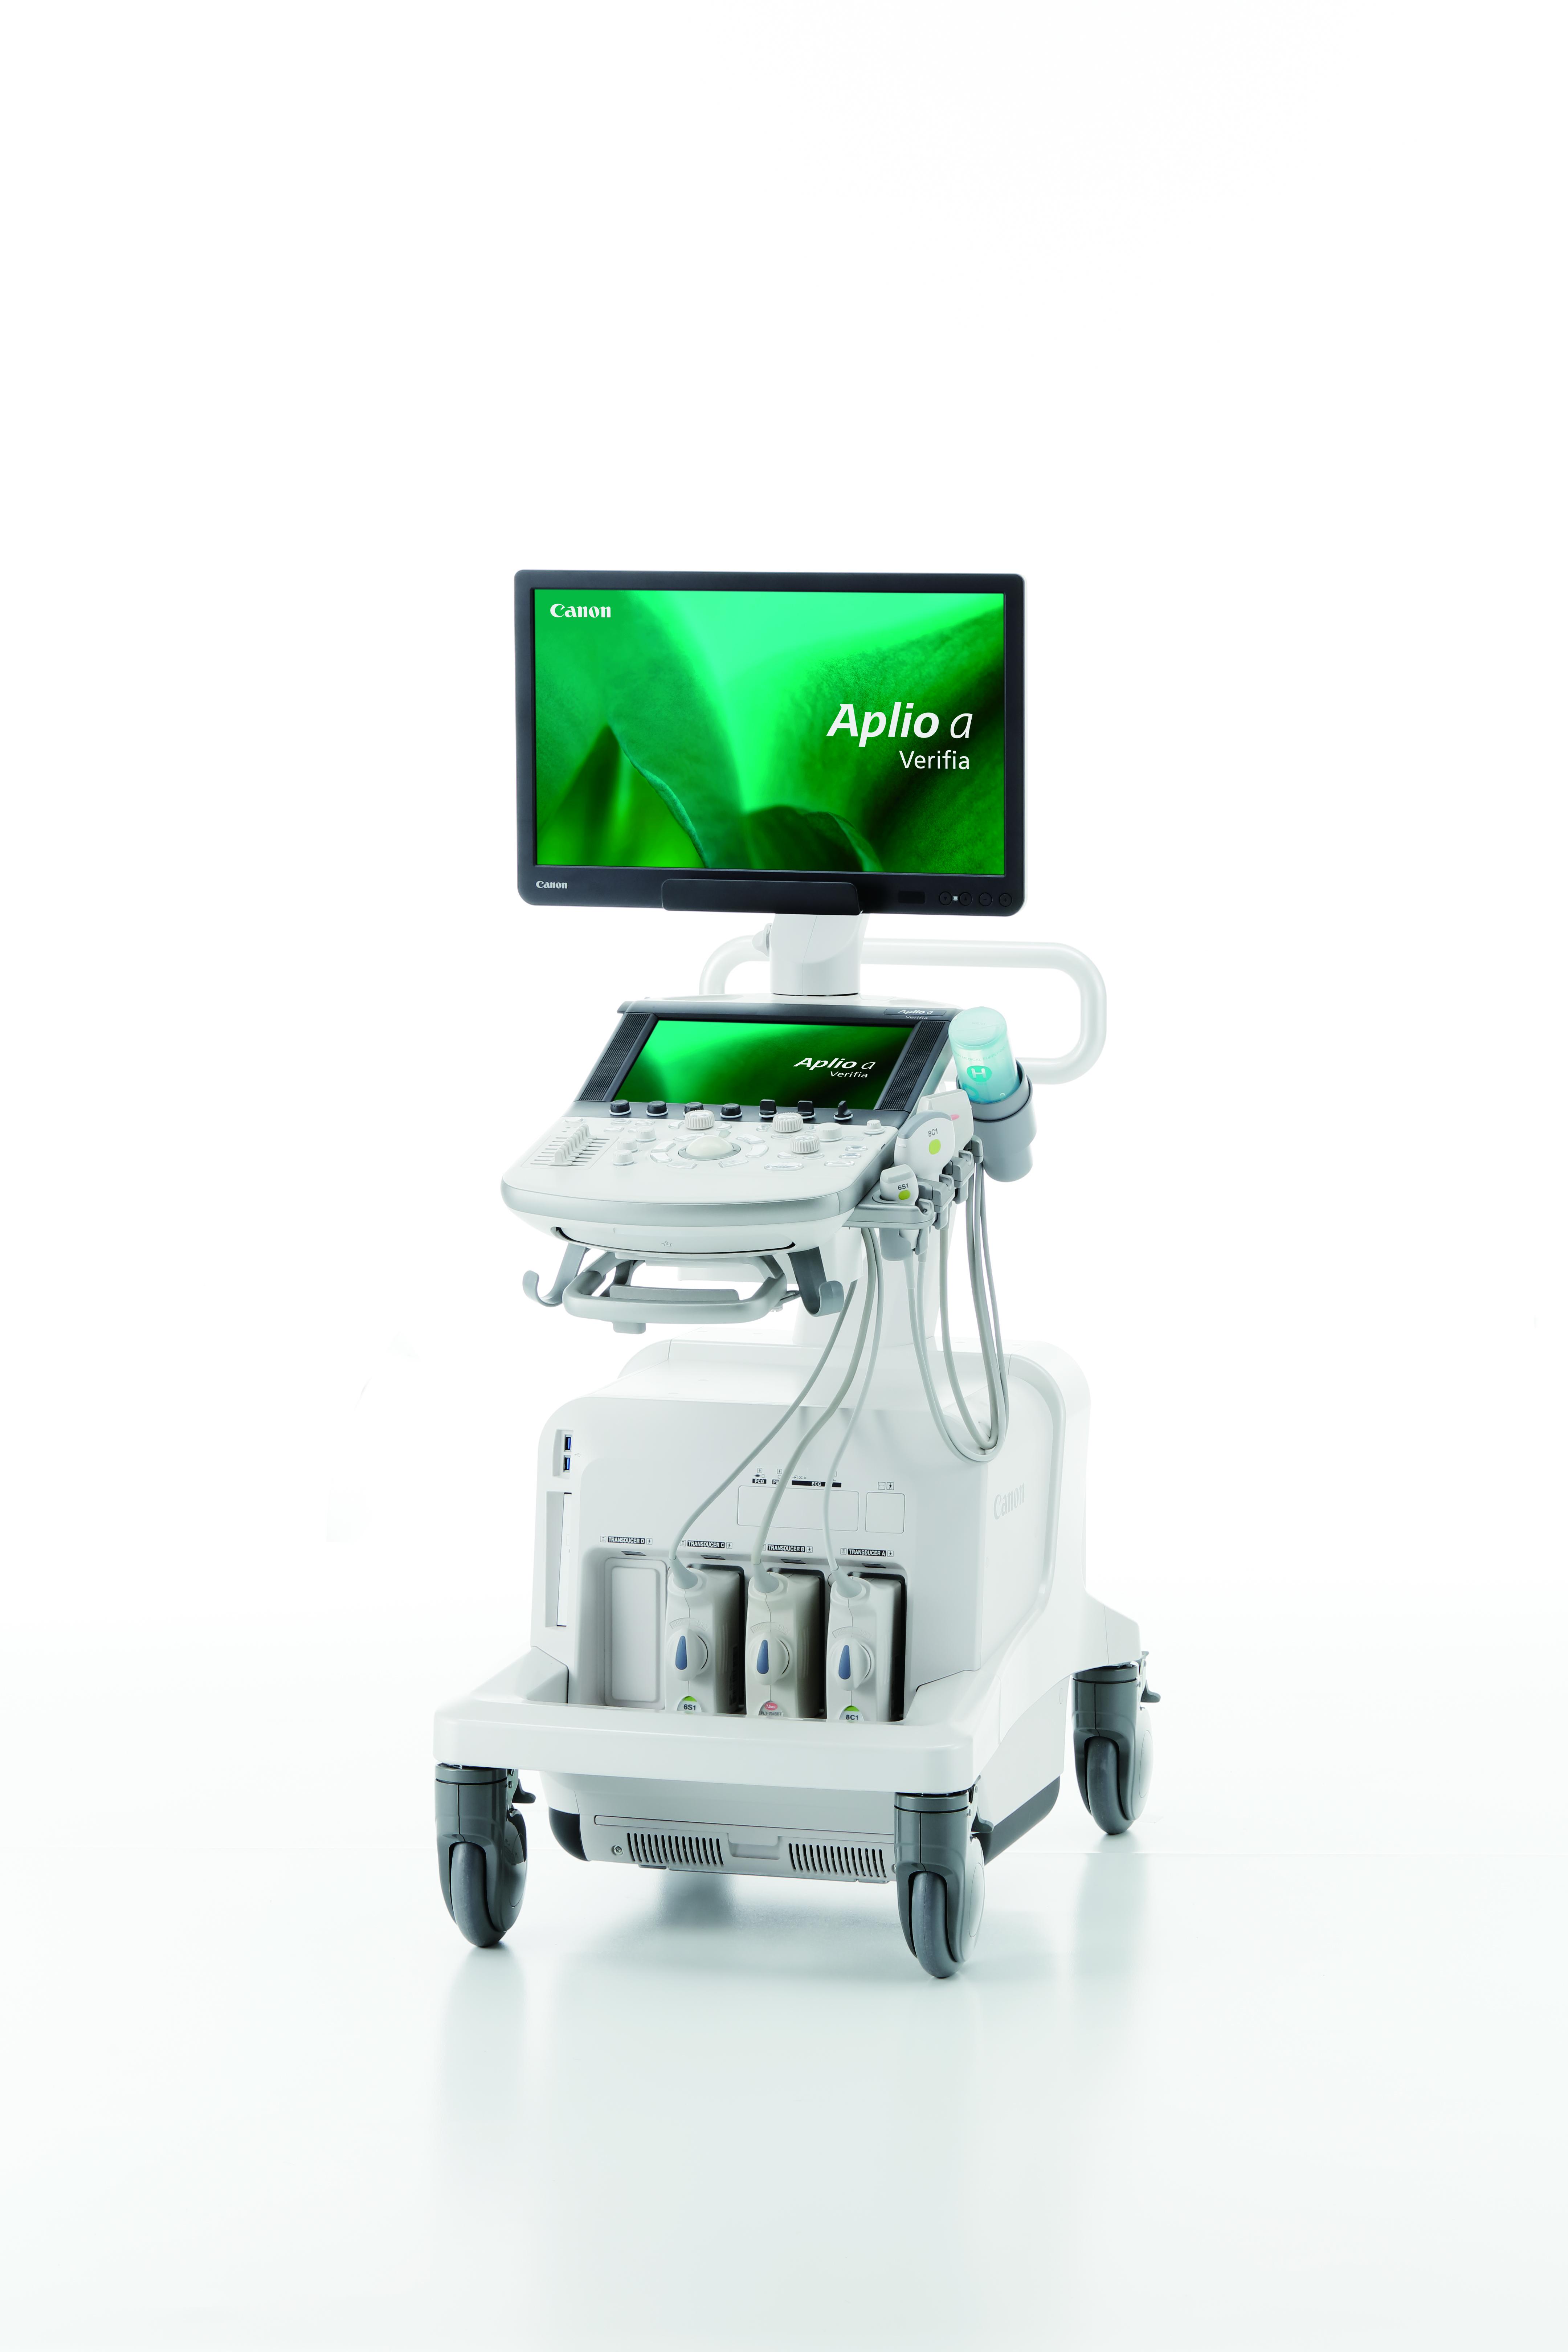 超音波診断装置 Canon Aplio a / Verifia